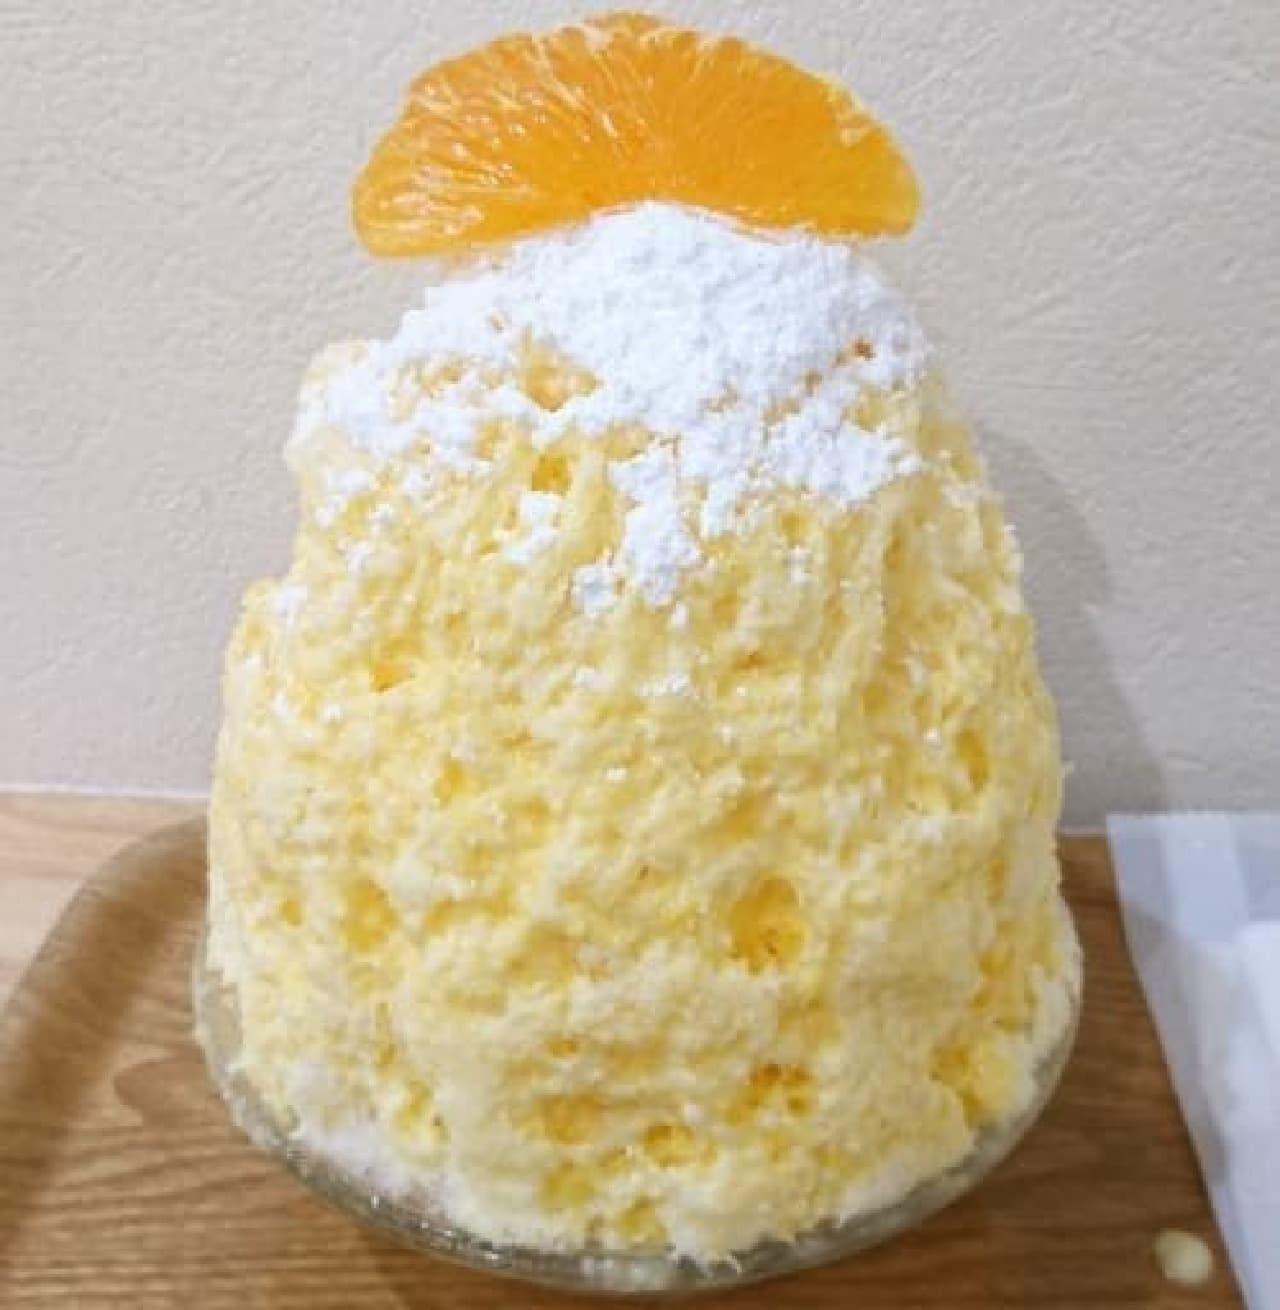 かき氷工房 雪菓「オレンジレアチーズ」